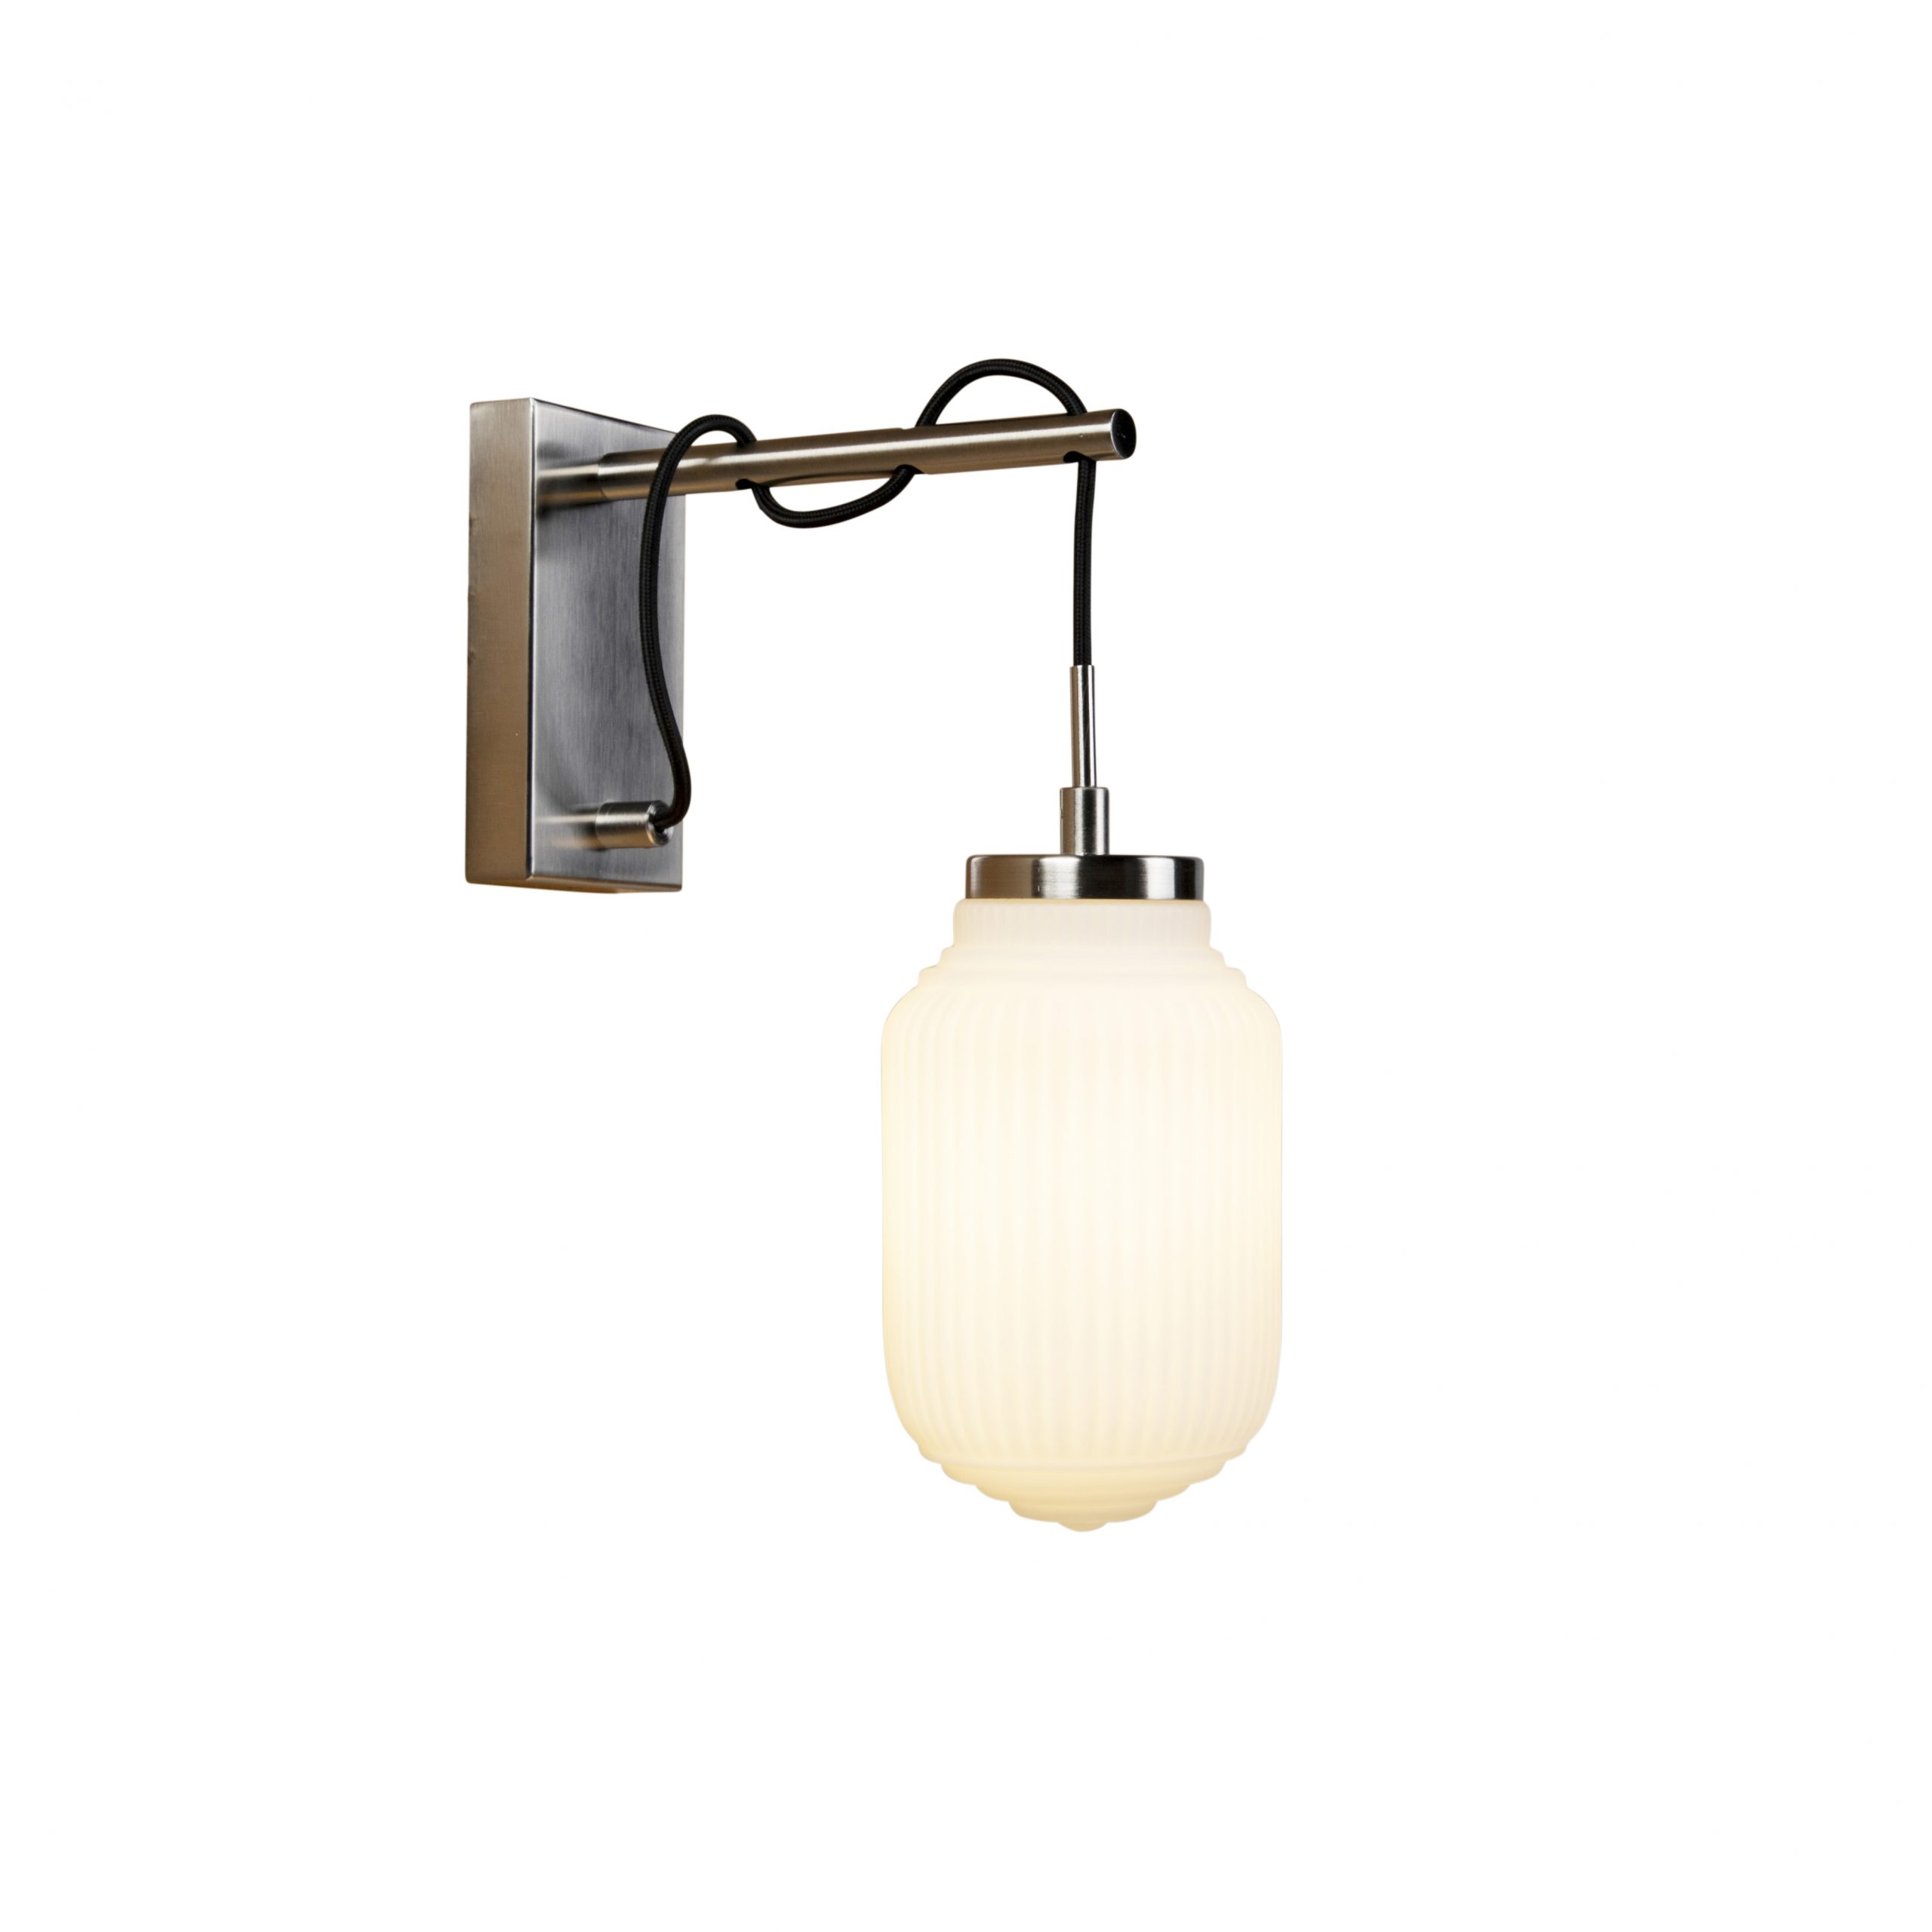 Art deco wandlamp staal met opaal glas – Orta | QAZQA | 8718881082092